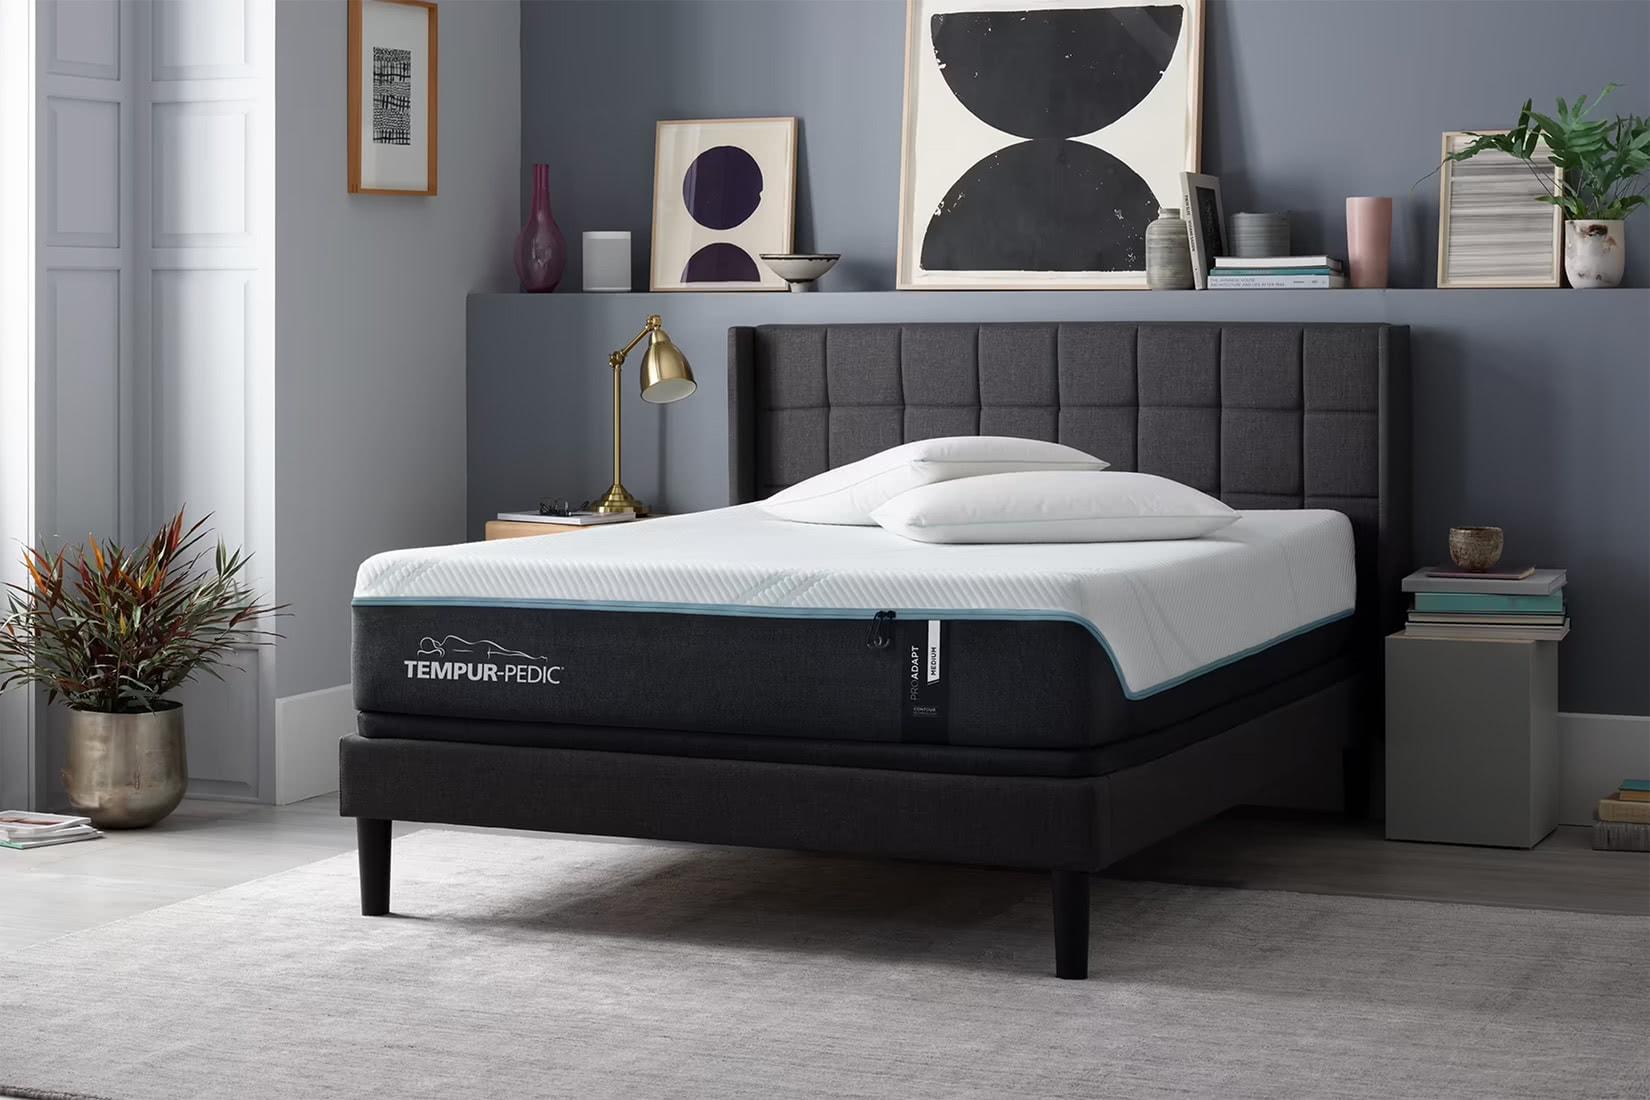 Tempur-Pedic mattresses reviews - Luxe Digital